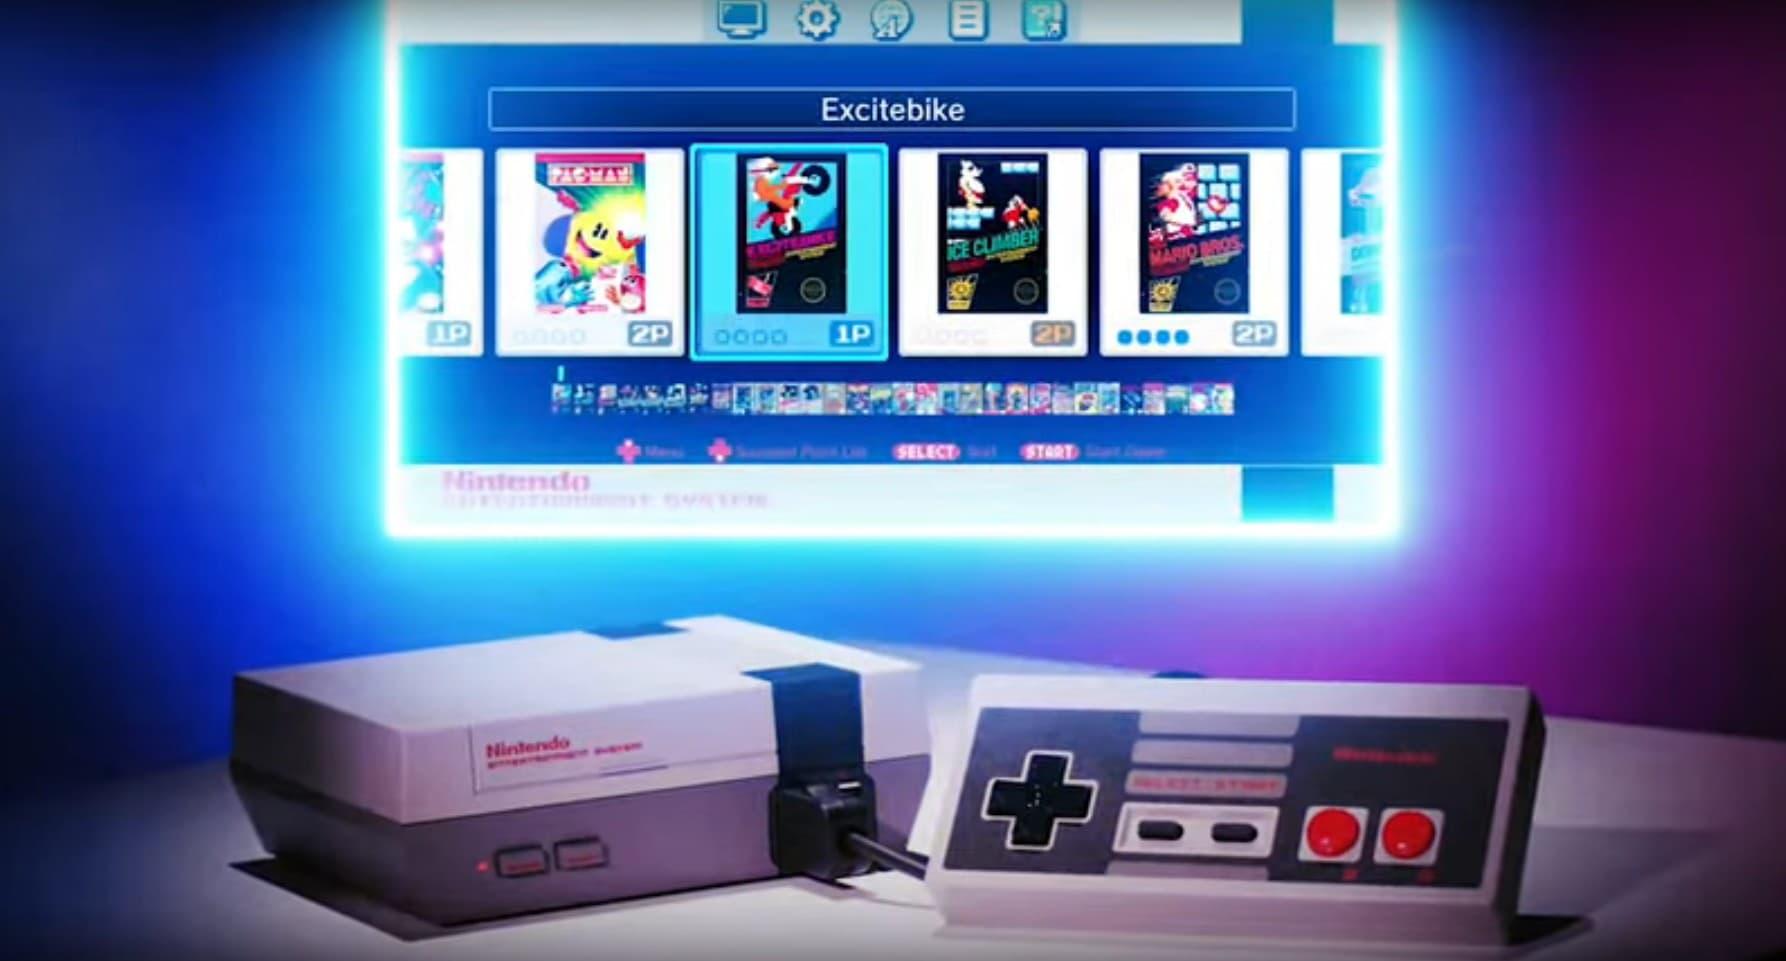 А это NES Classic Edition: умещается на ладони и подключается к современным телевизорам.